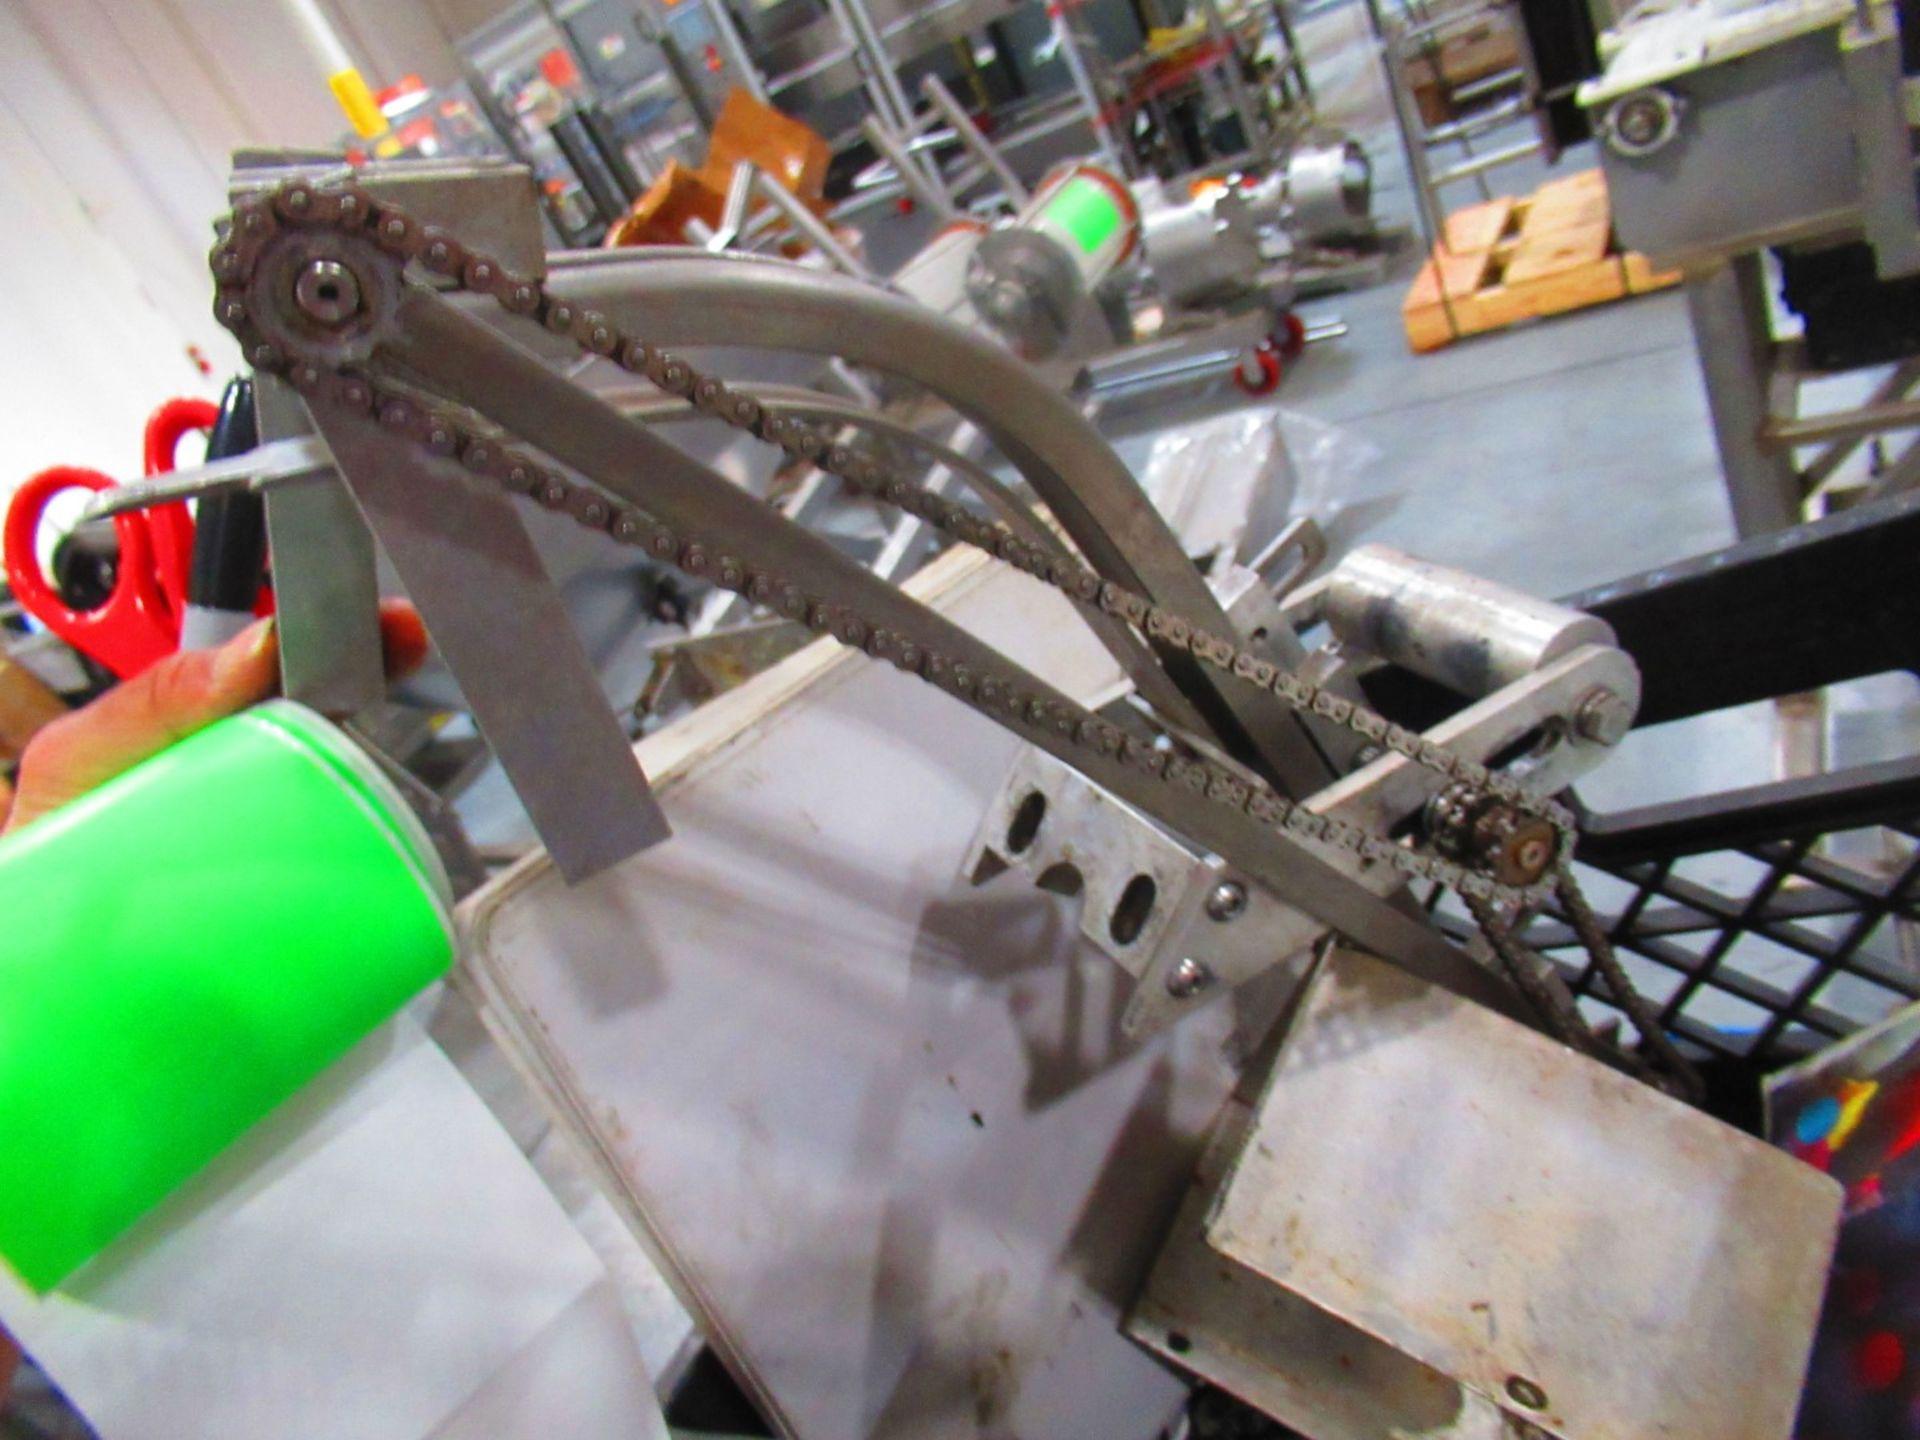 Case Sealer Parts - Image 4 of 4